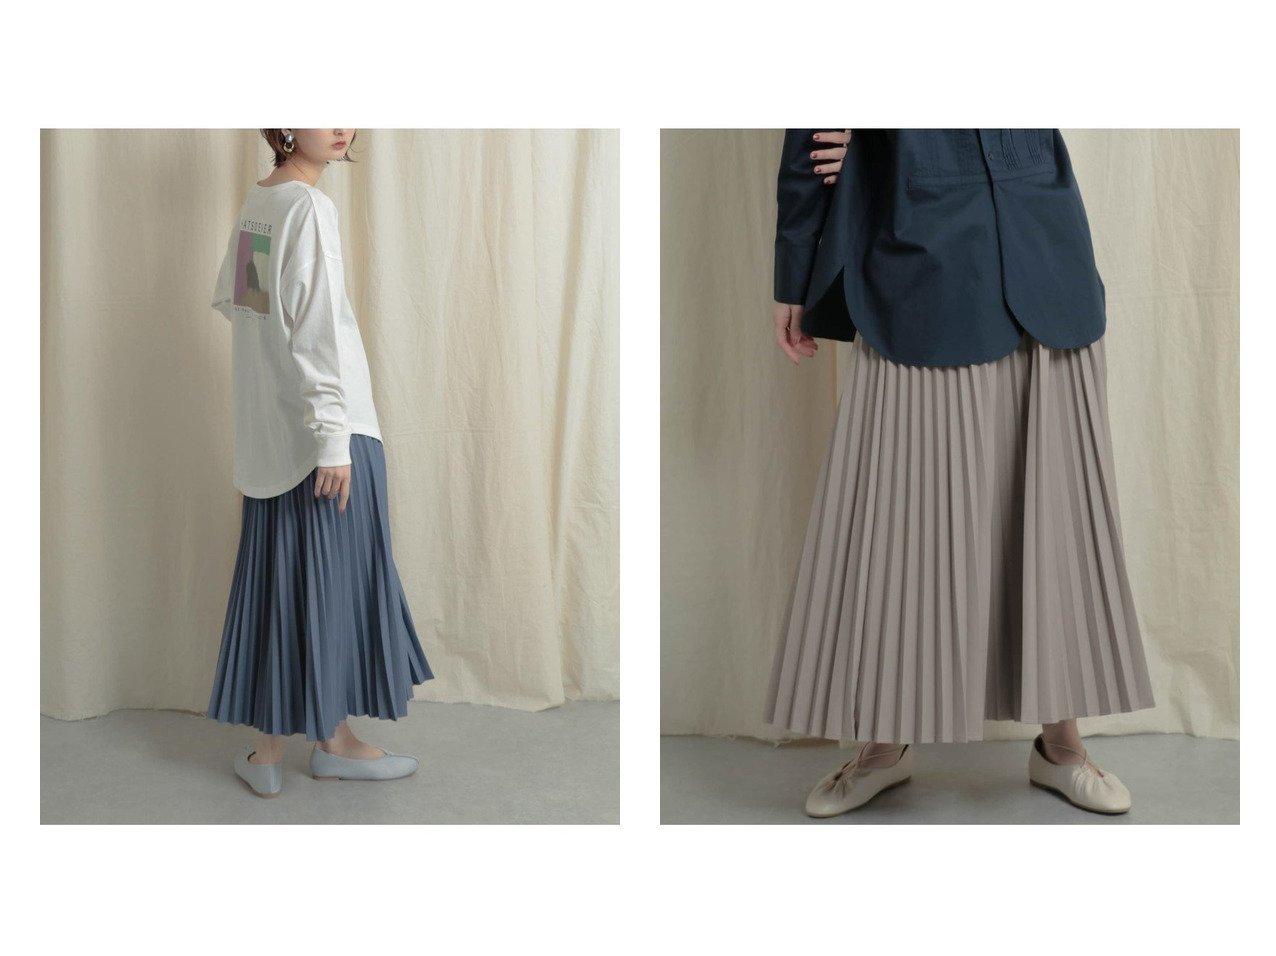 【SENSE OF PLACE / URBAN RESEARCH/センス オブ プレイス】のエコレザープリーツスカート スカートのおすすめ!人気、トレンド・レディースファッションの通販 おすすめで人気の流行・トレンド、ファッションの通販商品 メンズファッション・キッズファッション・インテリア・家具・レディースファッション・服の通販 founy(ファニー) https://founy.com/ ファッション Fashion レディースファッション WOMEN スカート Skirt プリーツスカート Pleated Skirts NEW・新作・新着・新入荷 New Arrivals シアー スタンダード トレンド プリーツ 秋 Autumn/Fall |ID:crp329100000014671